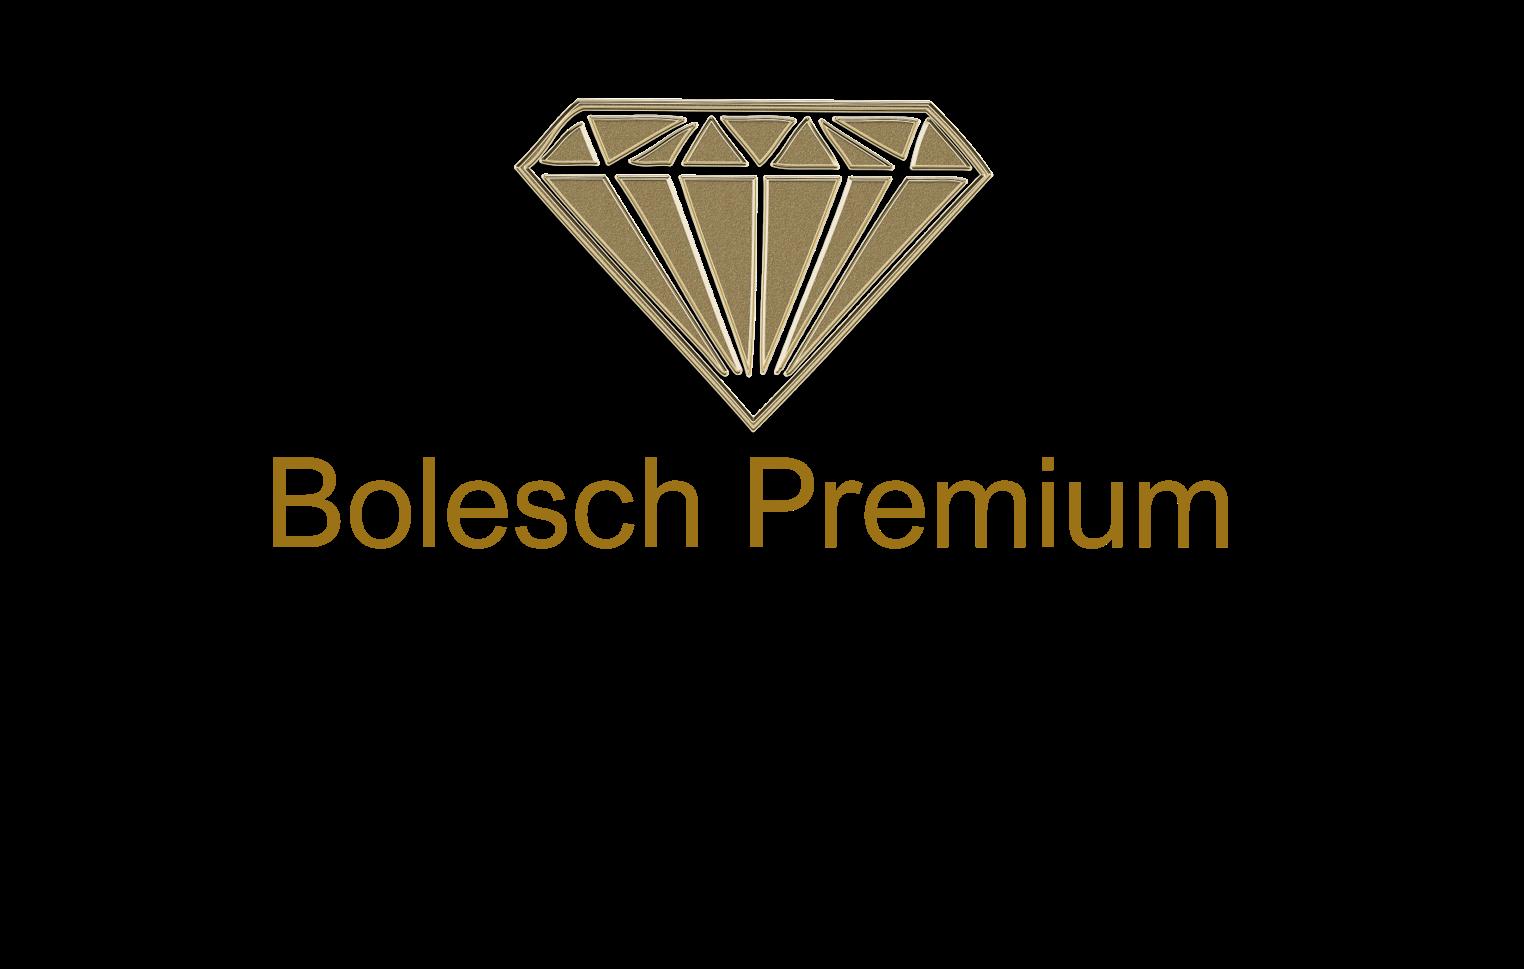 bolesch